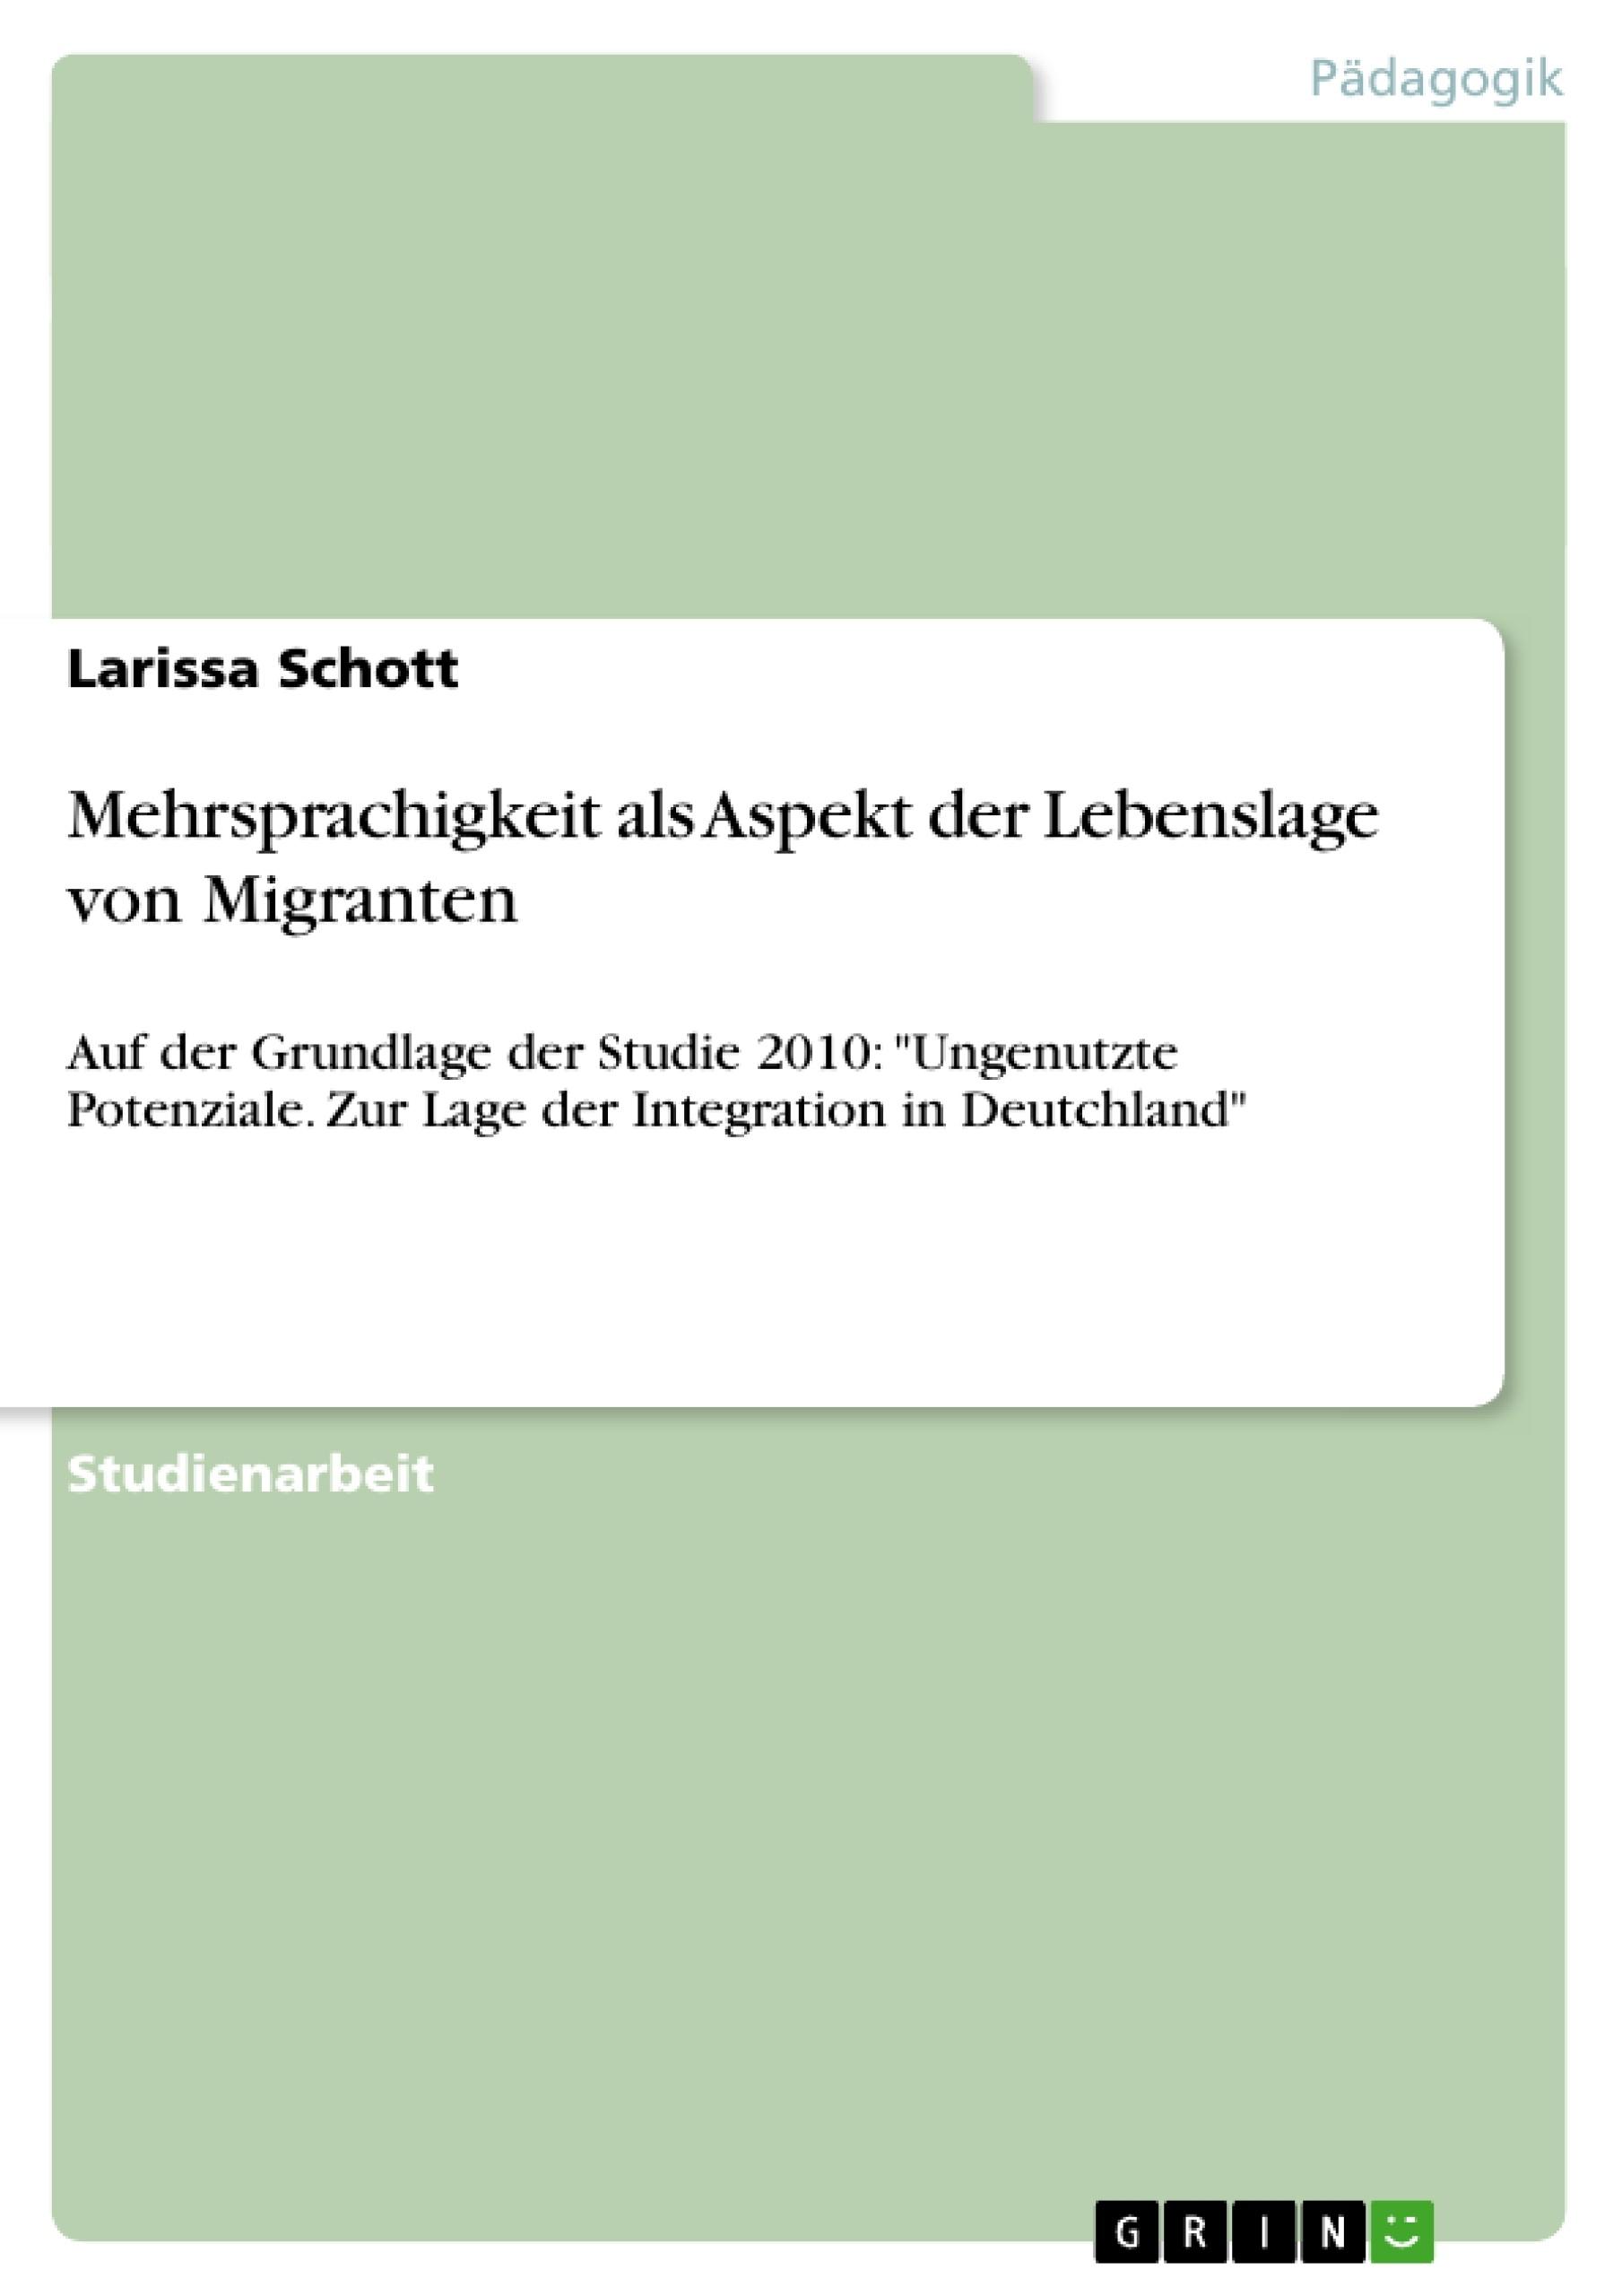 Titel: Mehrsprachigkeit als Aspekt der Lebenslage von Migranten